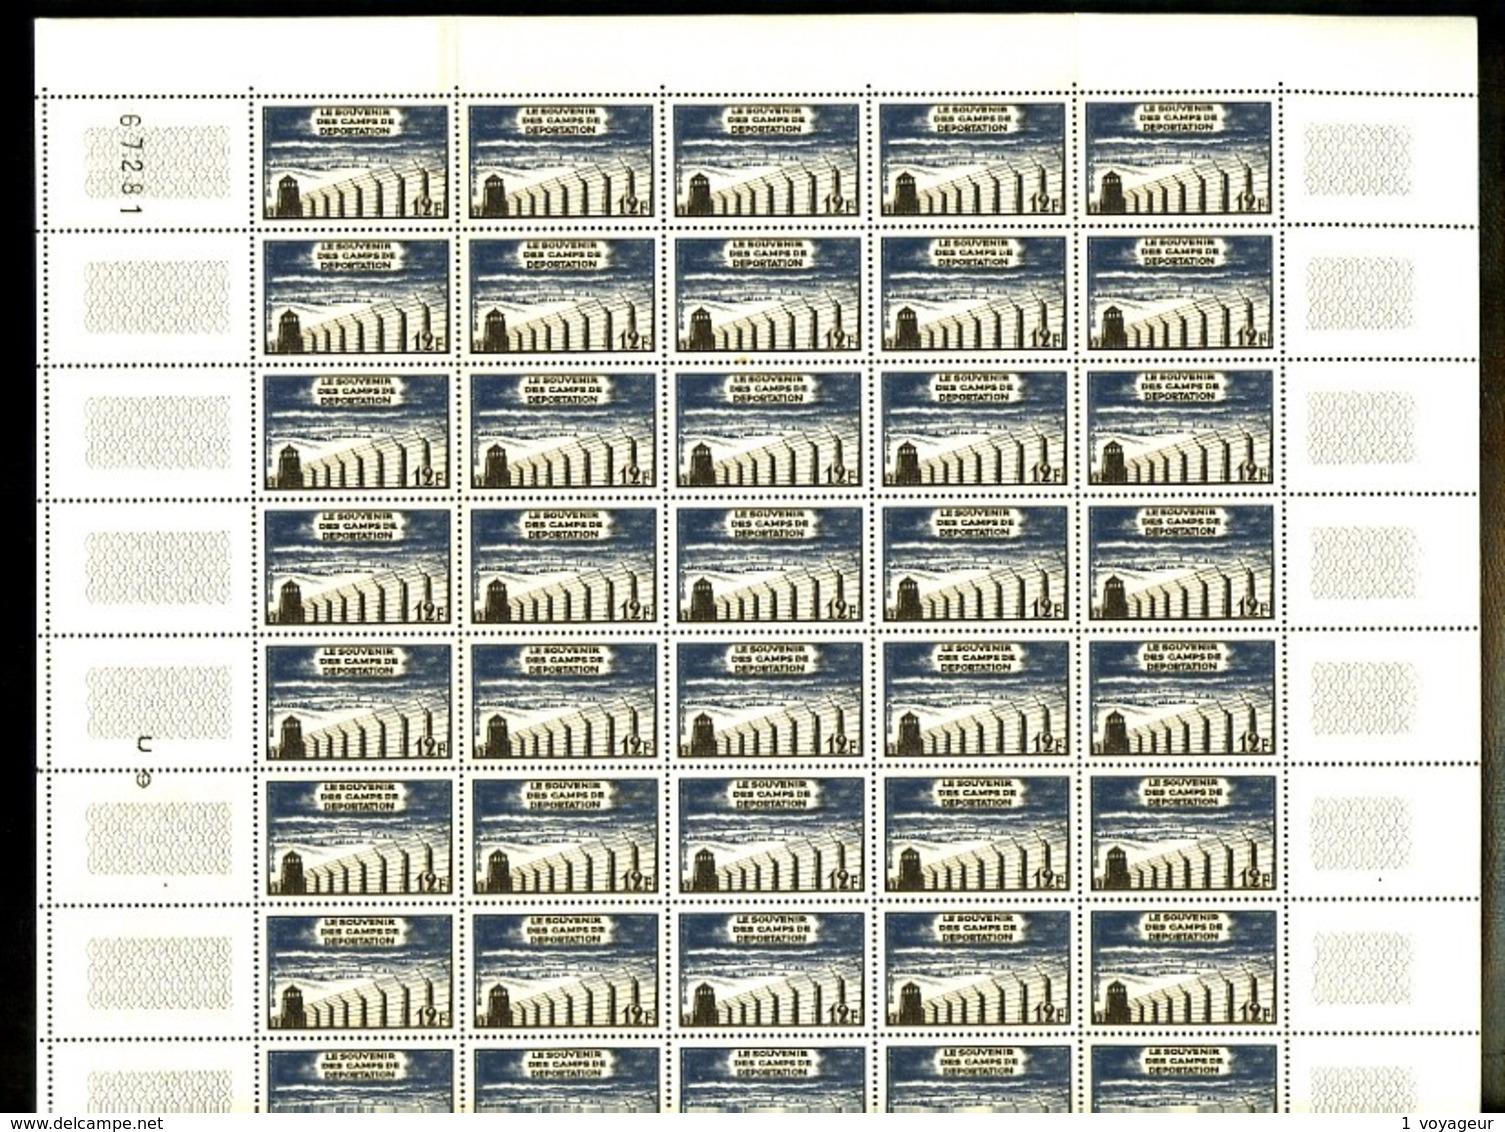 1023 - 12F Libération Des Camps - En Feuille Complète De 50 Exemplaires - Neufs N** - TB - Feuilles Complètes